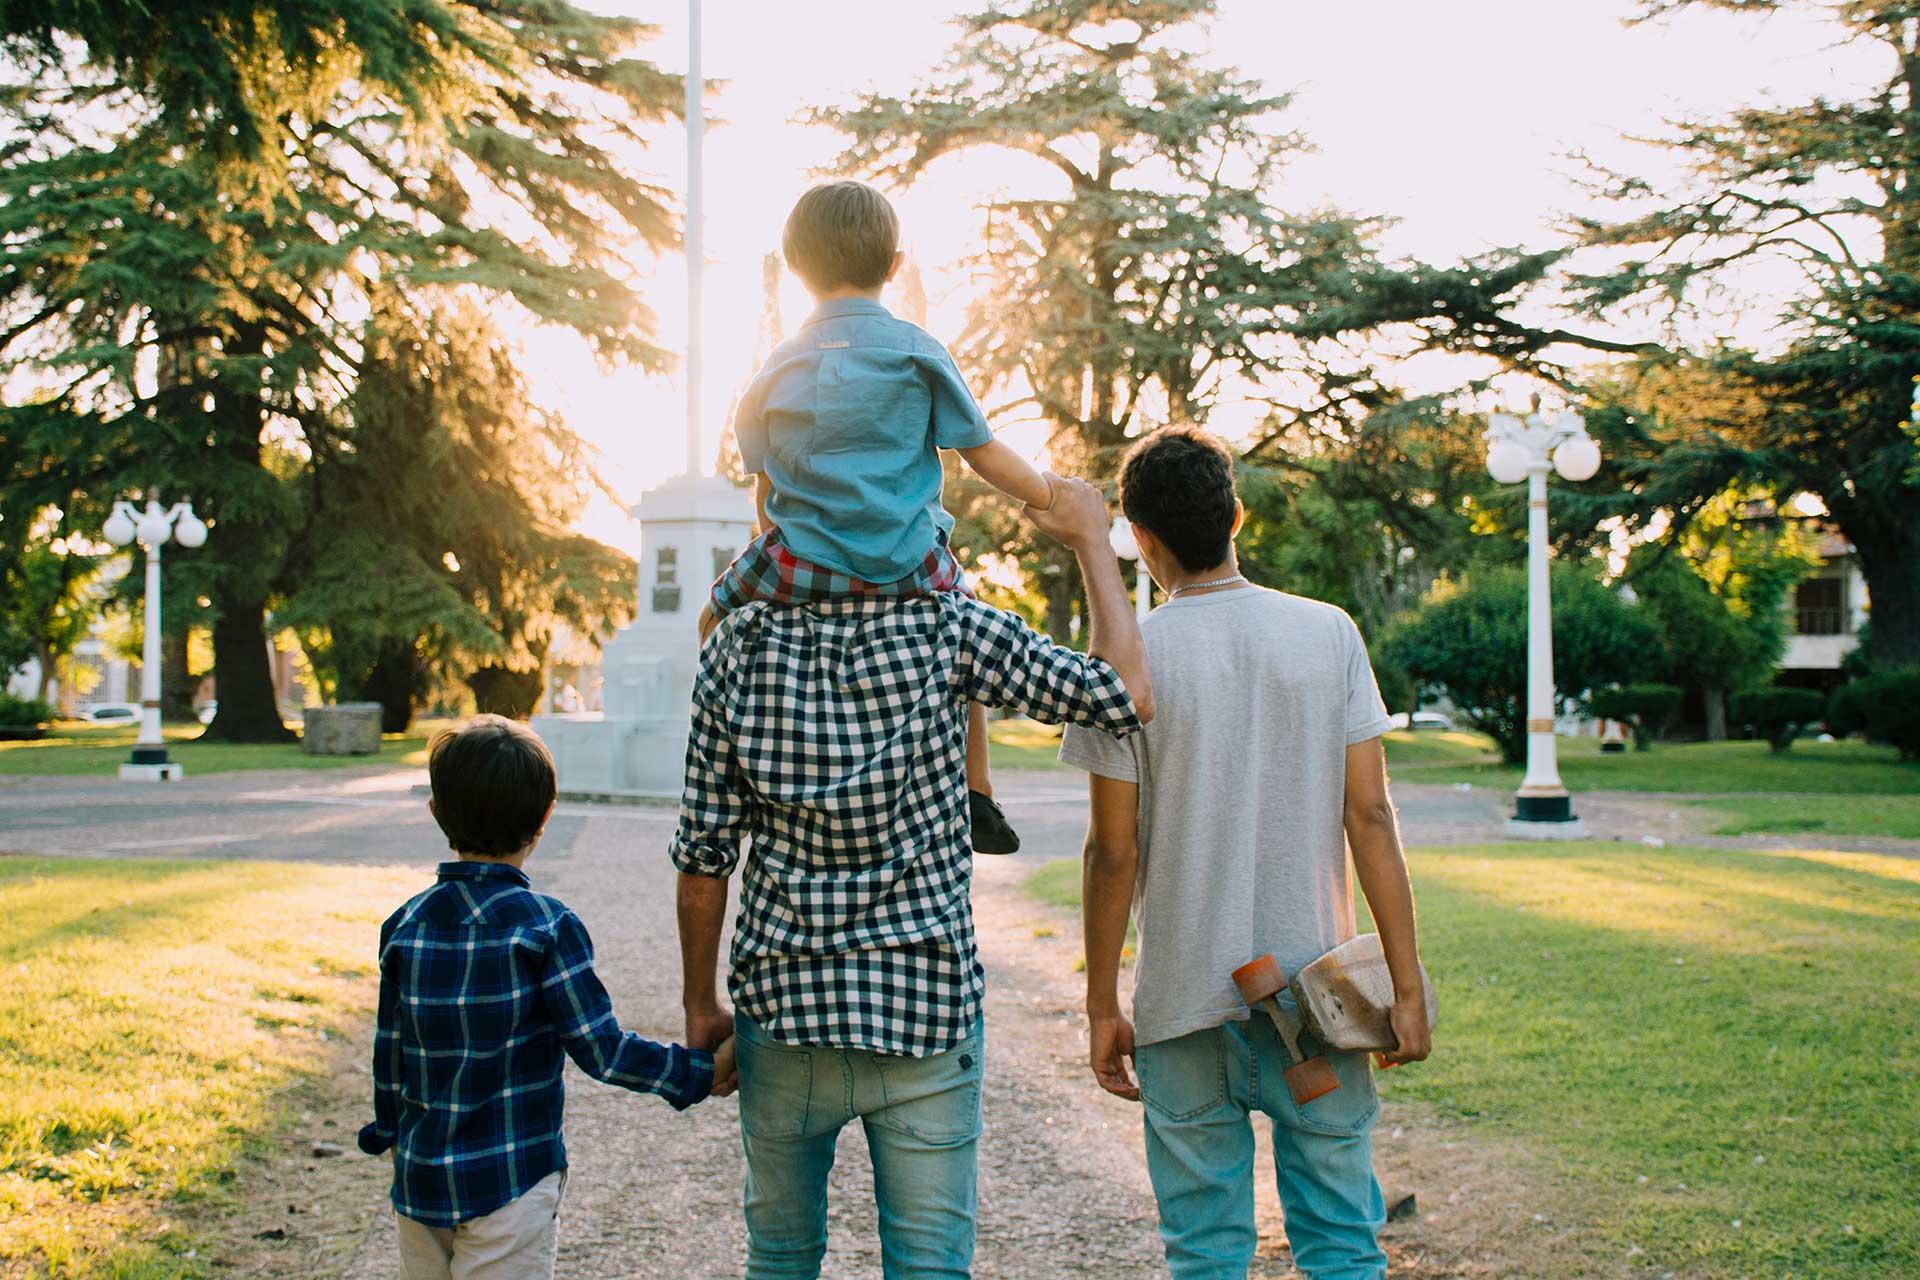 Vejamos nossos filhos como realmente são, e não como gostaríamos que fossem